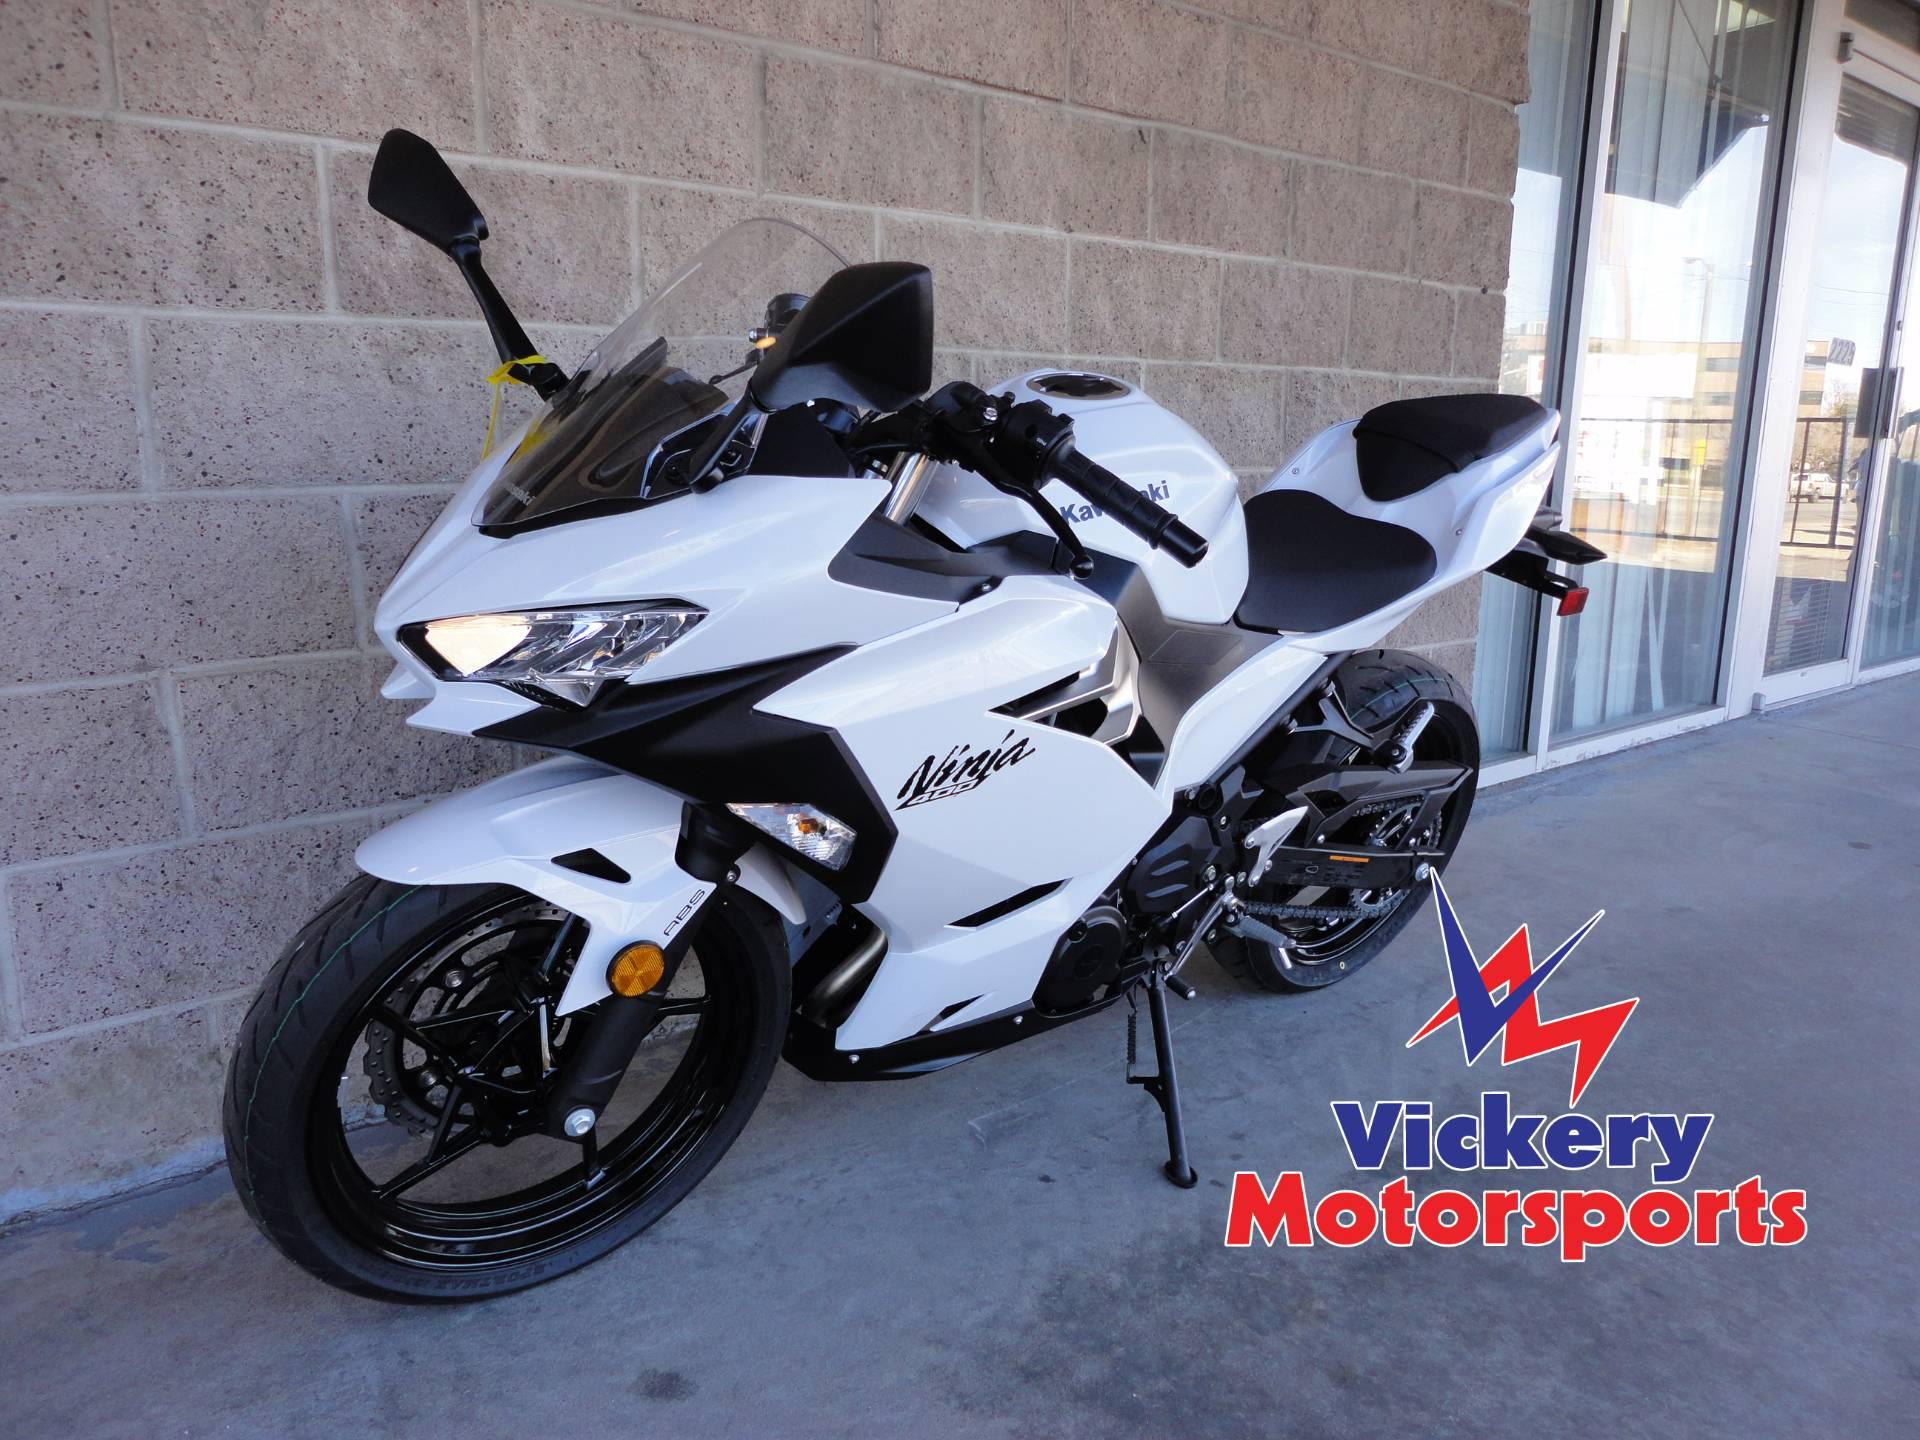 2020 Kawasaki Ninja 400 ABS for sale 232214